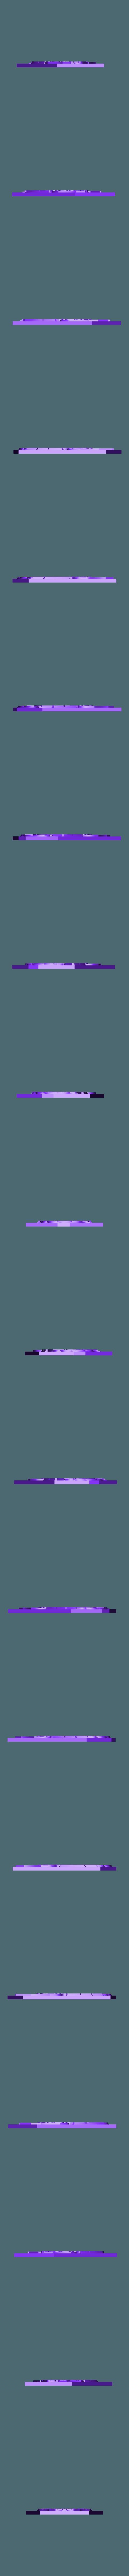 ColorHeights_fixed.stl Télécharger fichier STL gratuit Insigne du Seigneur des Étoiles • Modèle pour impression 3D, 3Dimpact